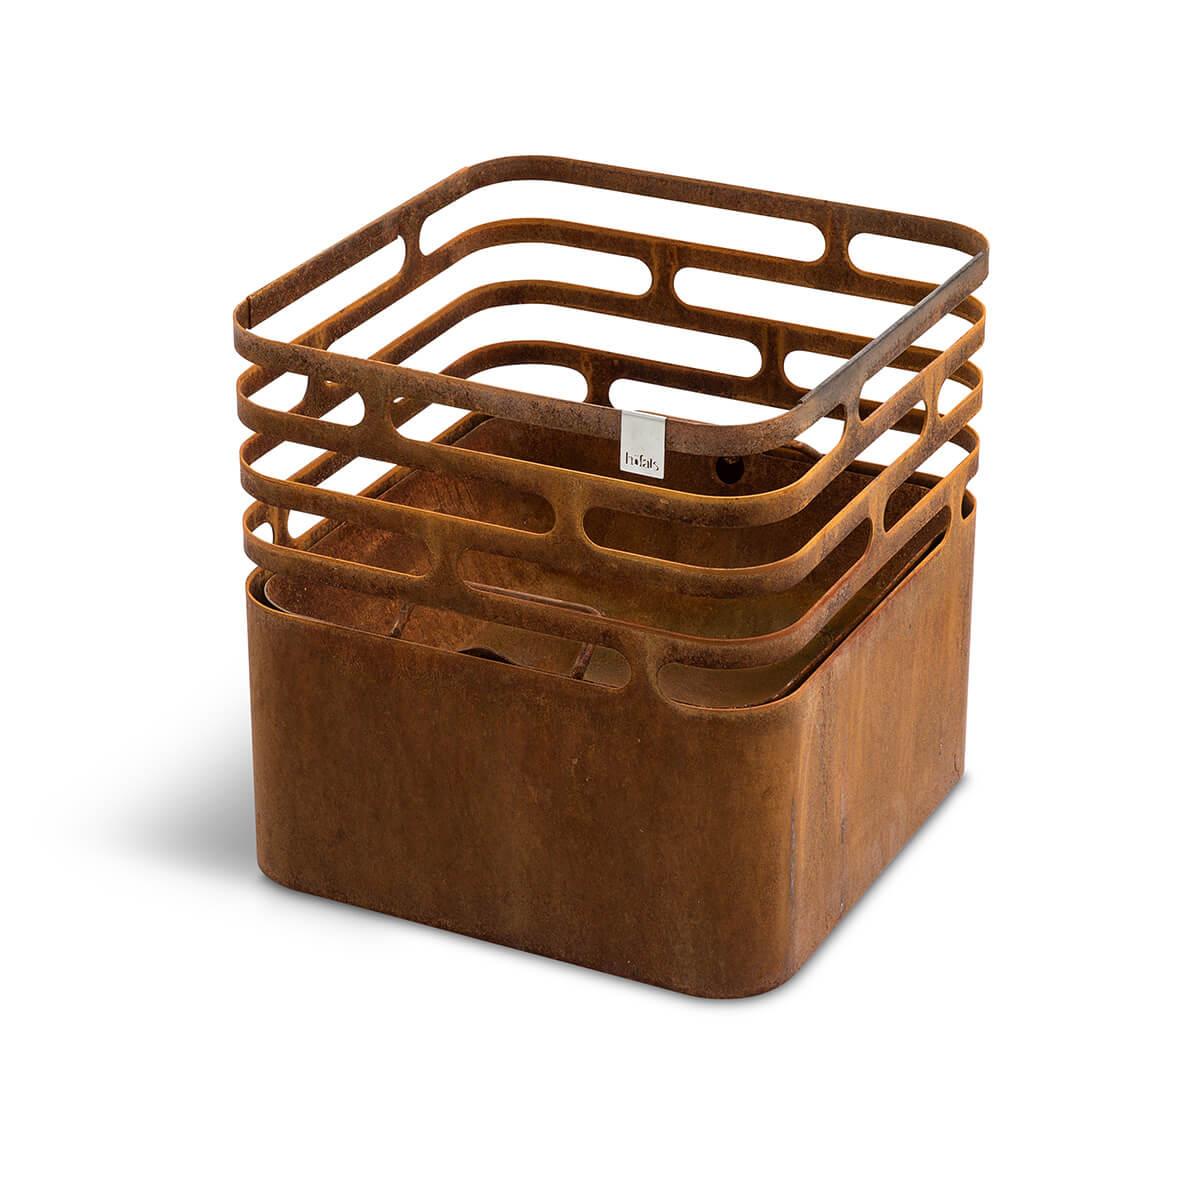 Höfats Cube Feuerkorb, Grill & Hocker 020102